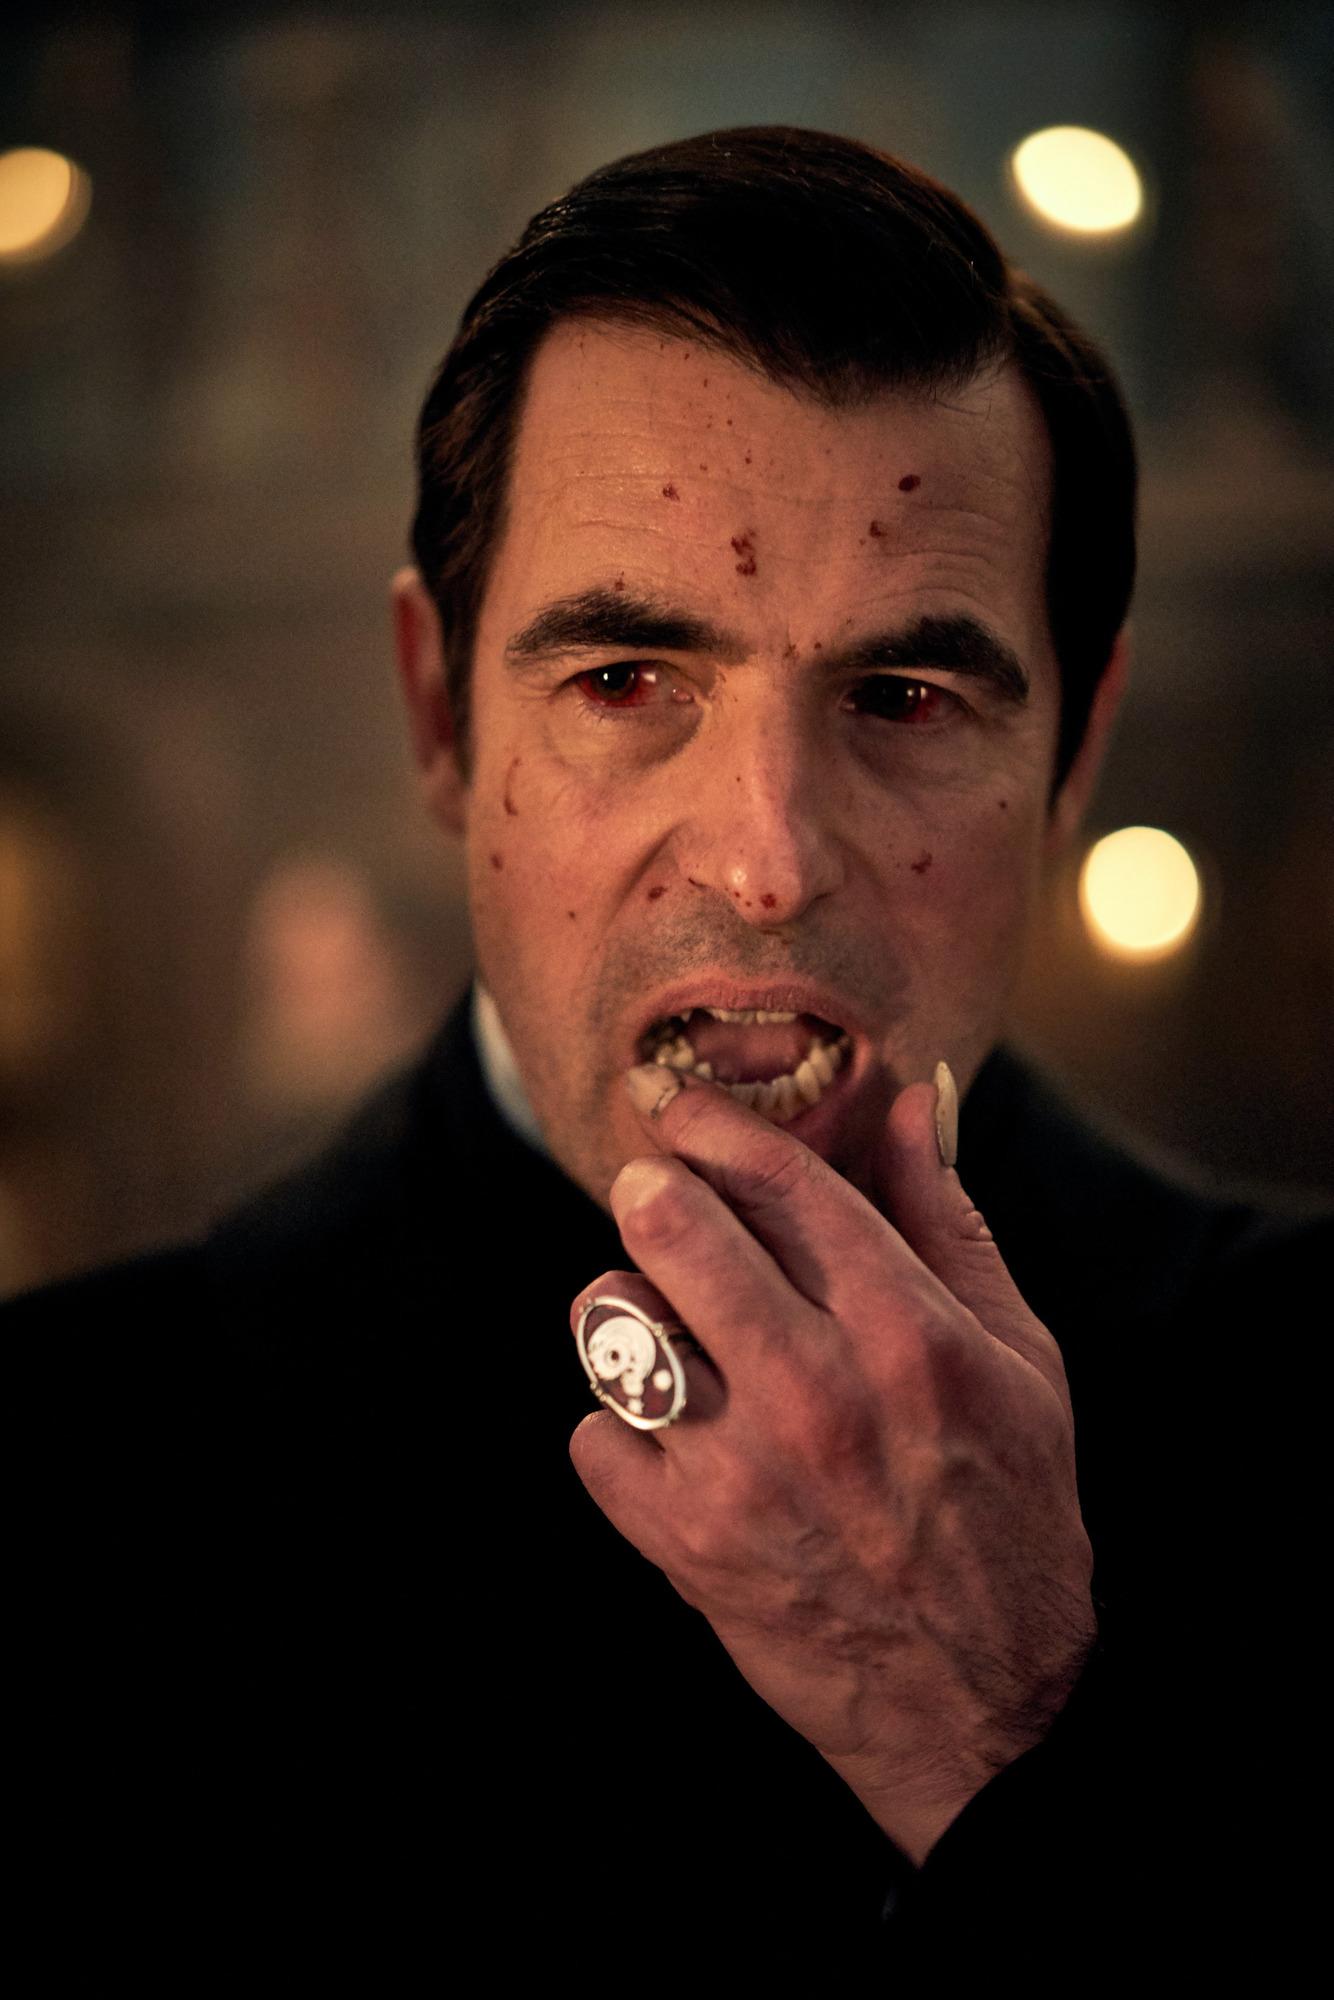 Dracula full length pics